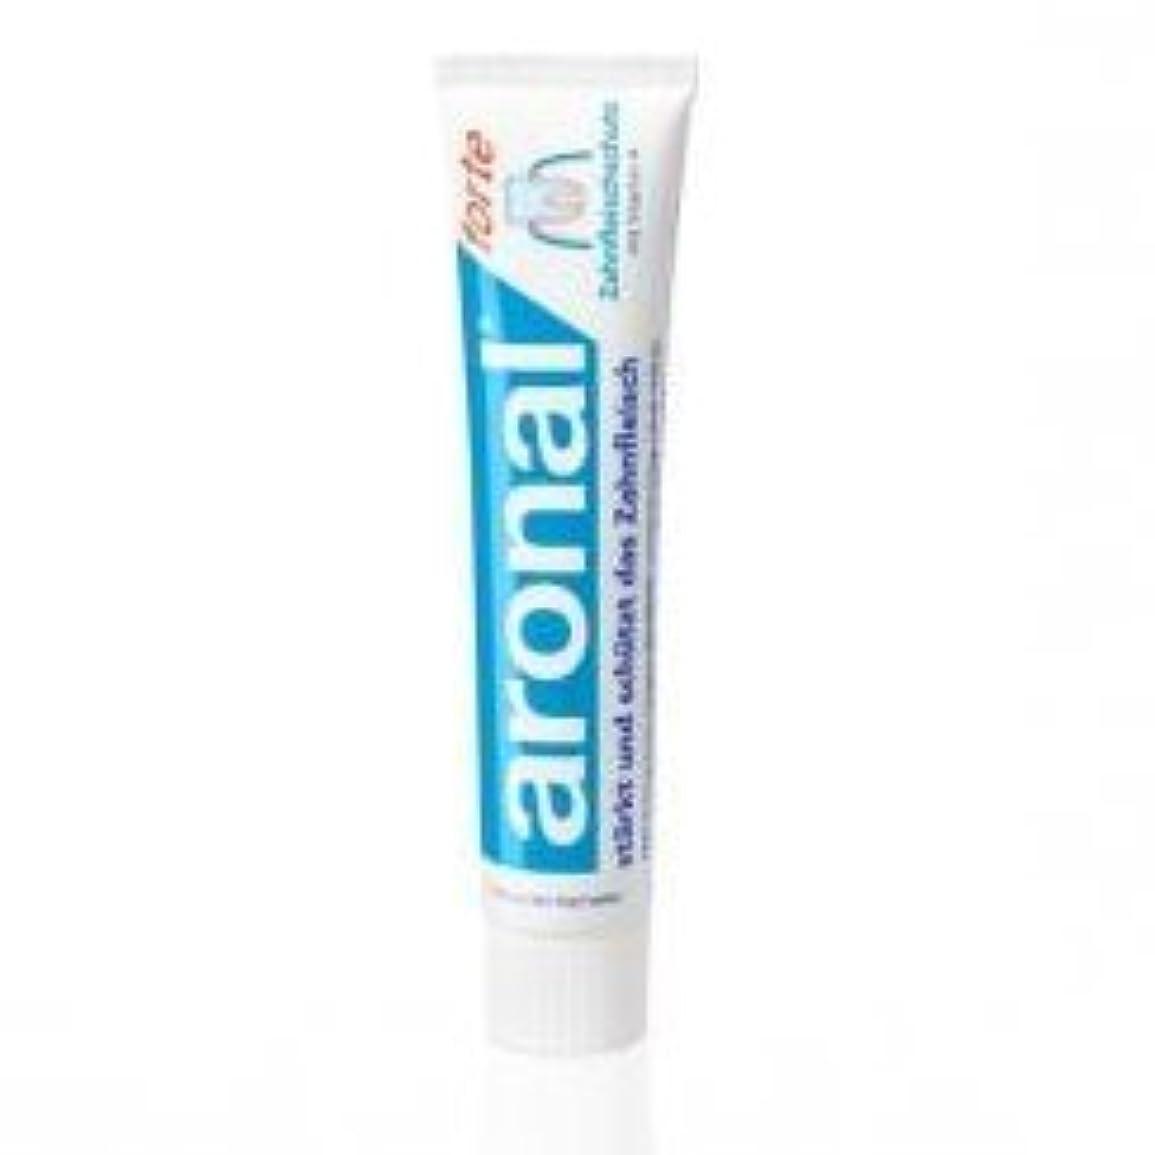 フォーラム不承認幻滅するアロナール(ビタミンA配合) 歯磨き粉 75ml x 1Pack (elmex aronal toothpaste 75ml) 【並行輸入品】